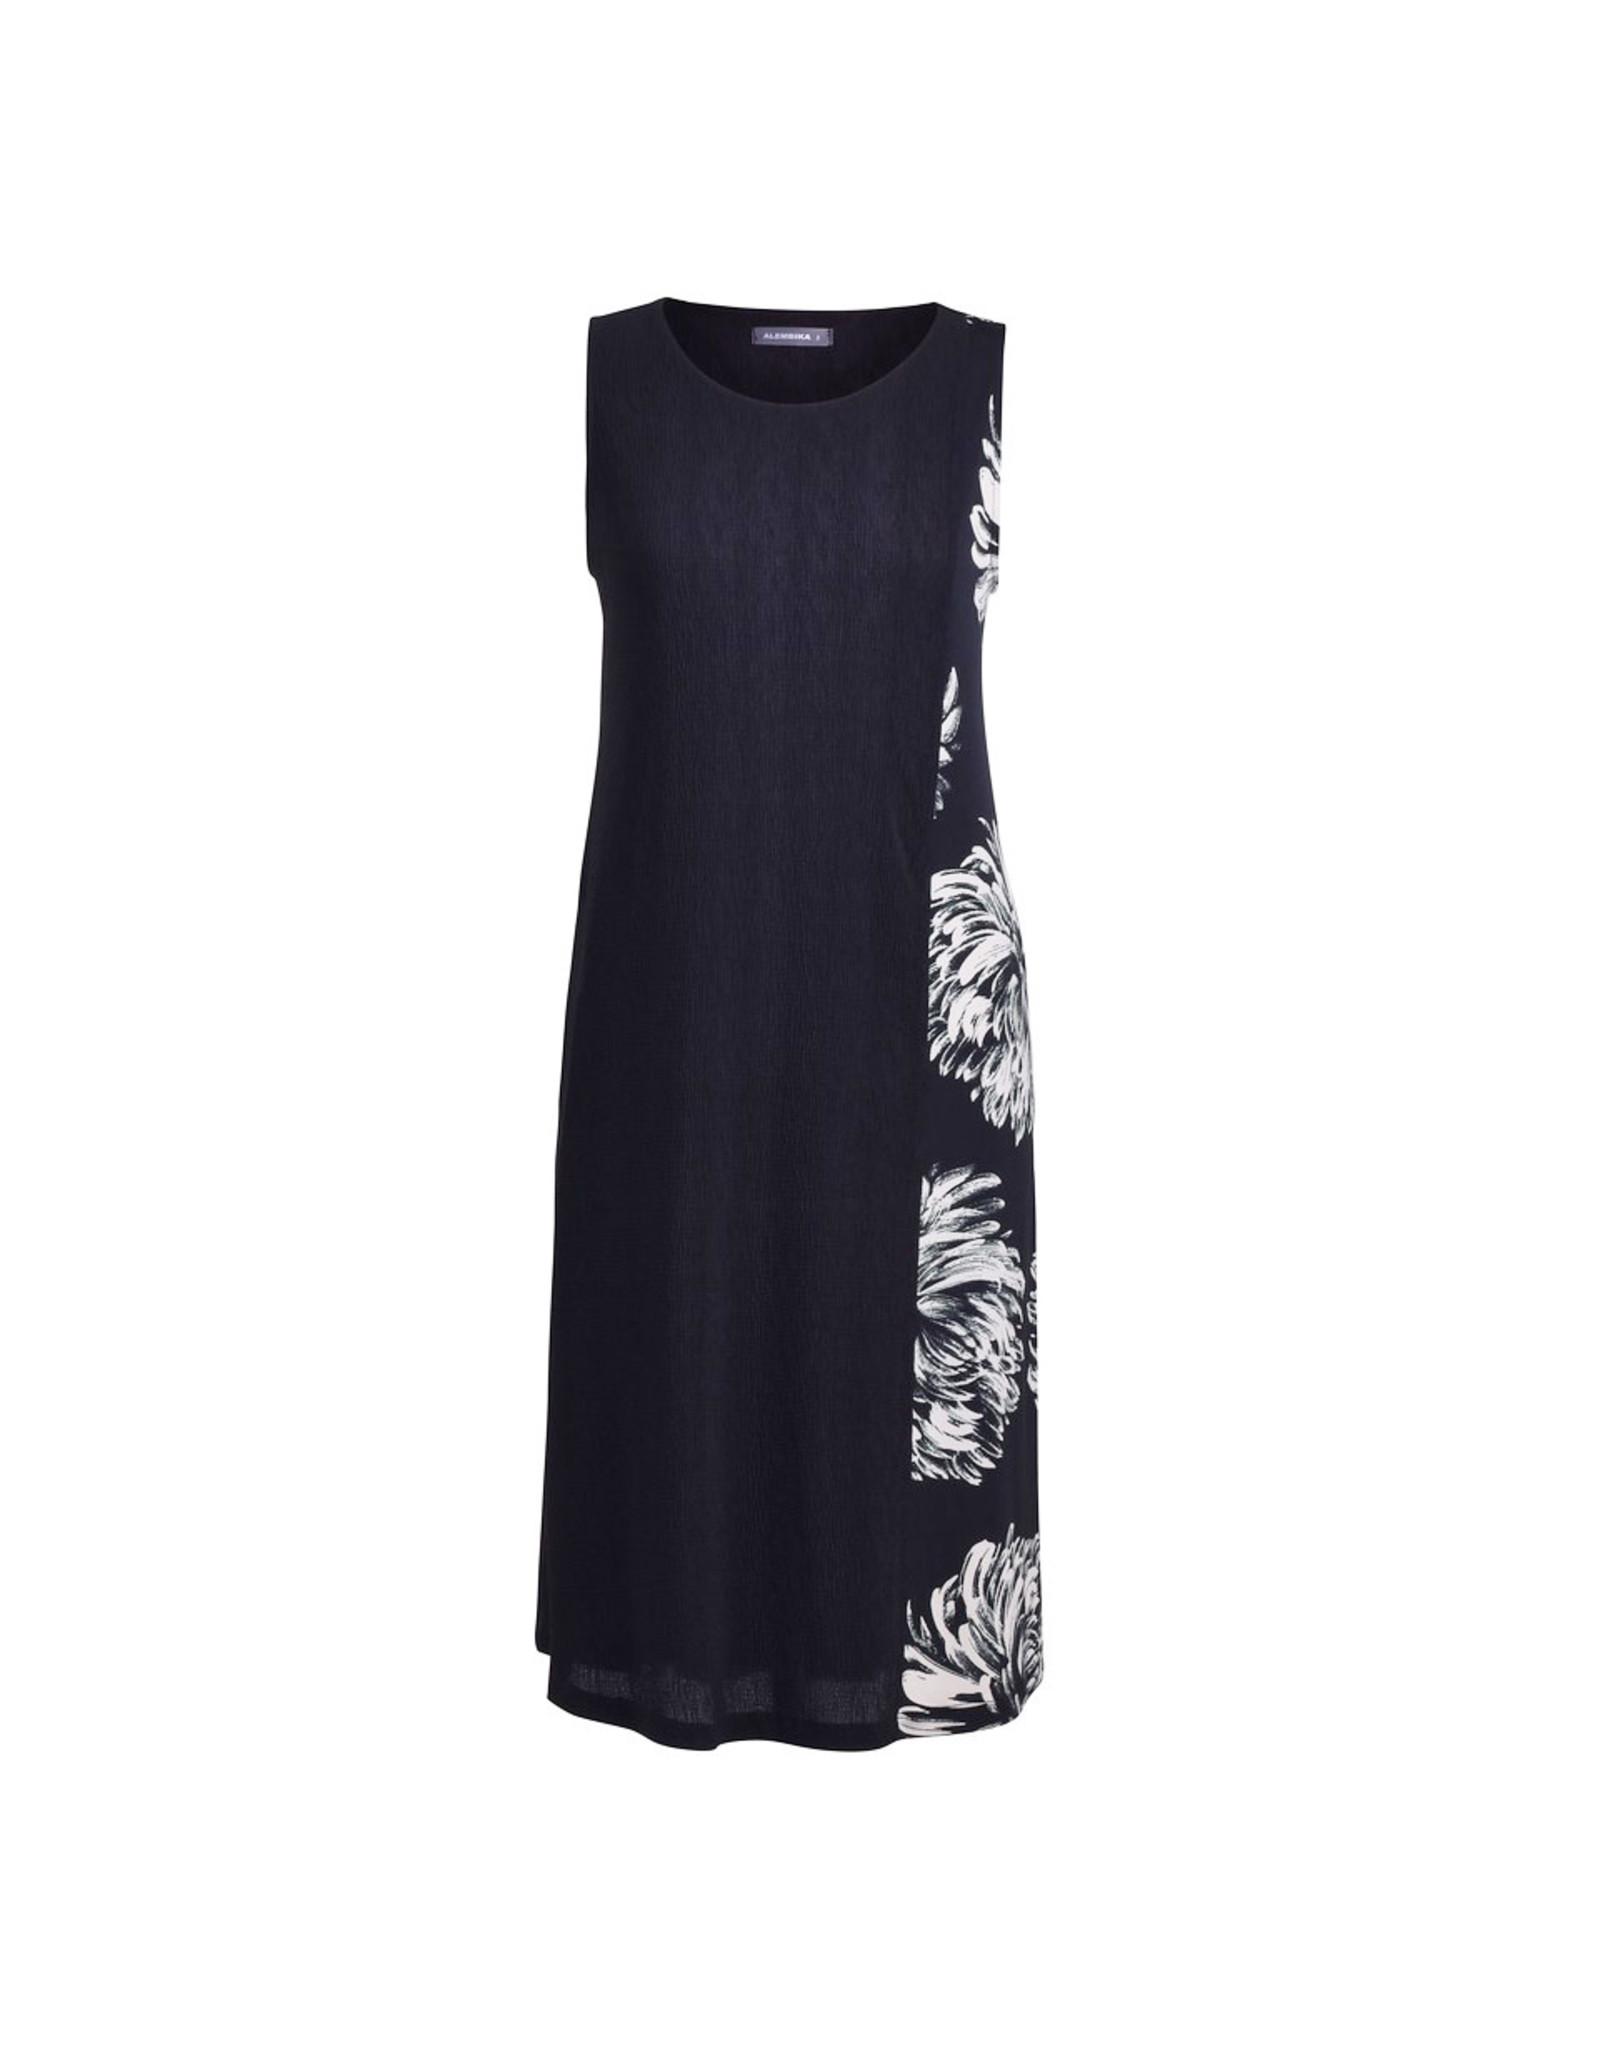 Alembika Alembika Sleeveless Dahlia Dress